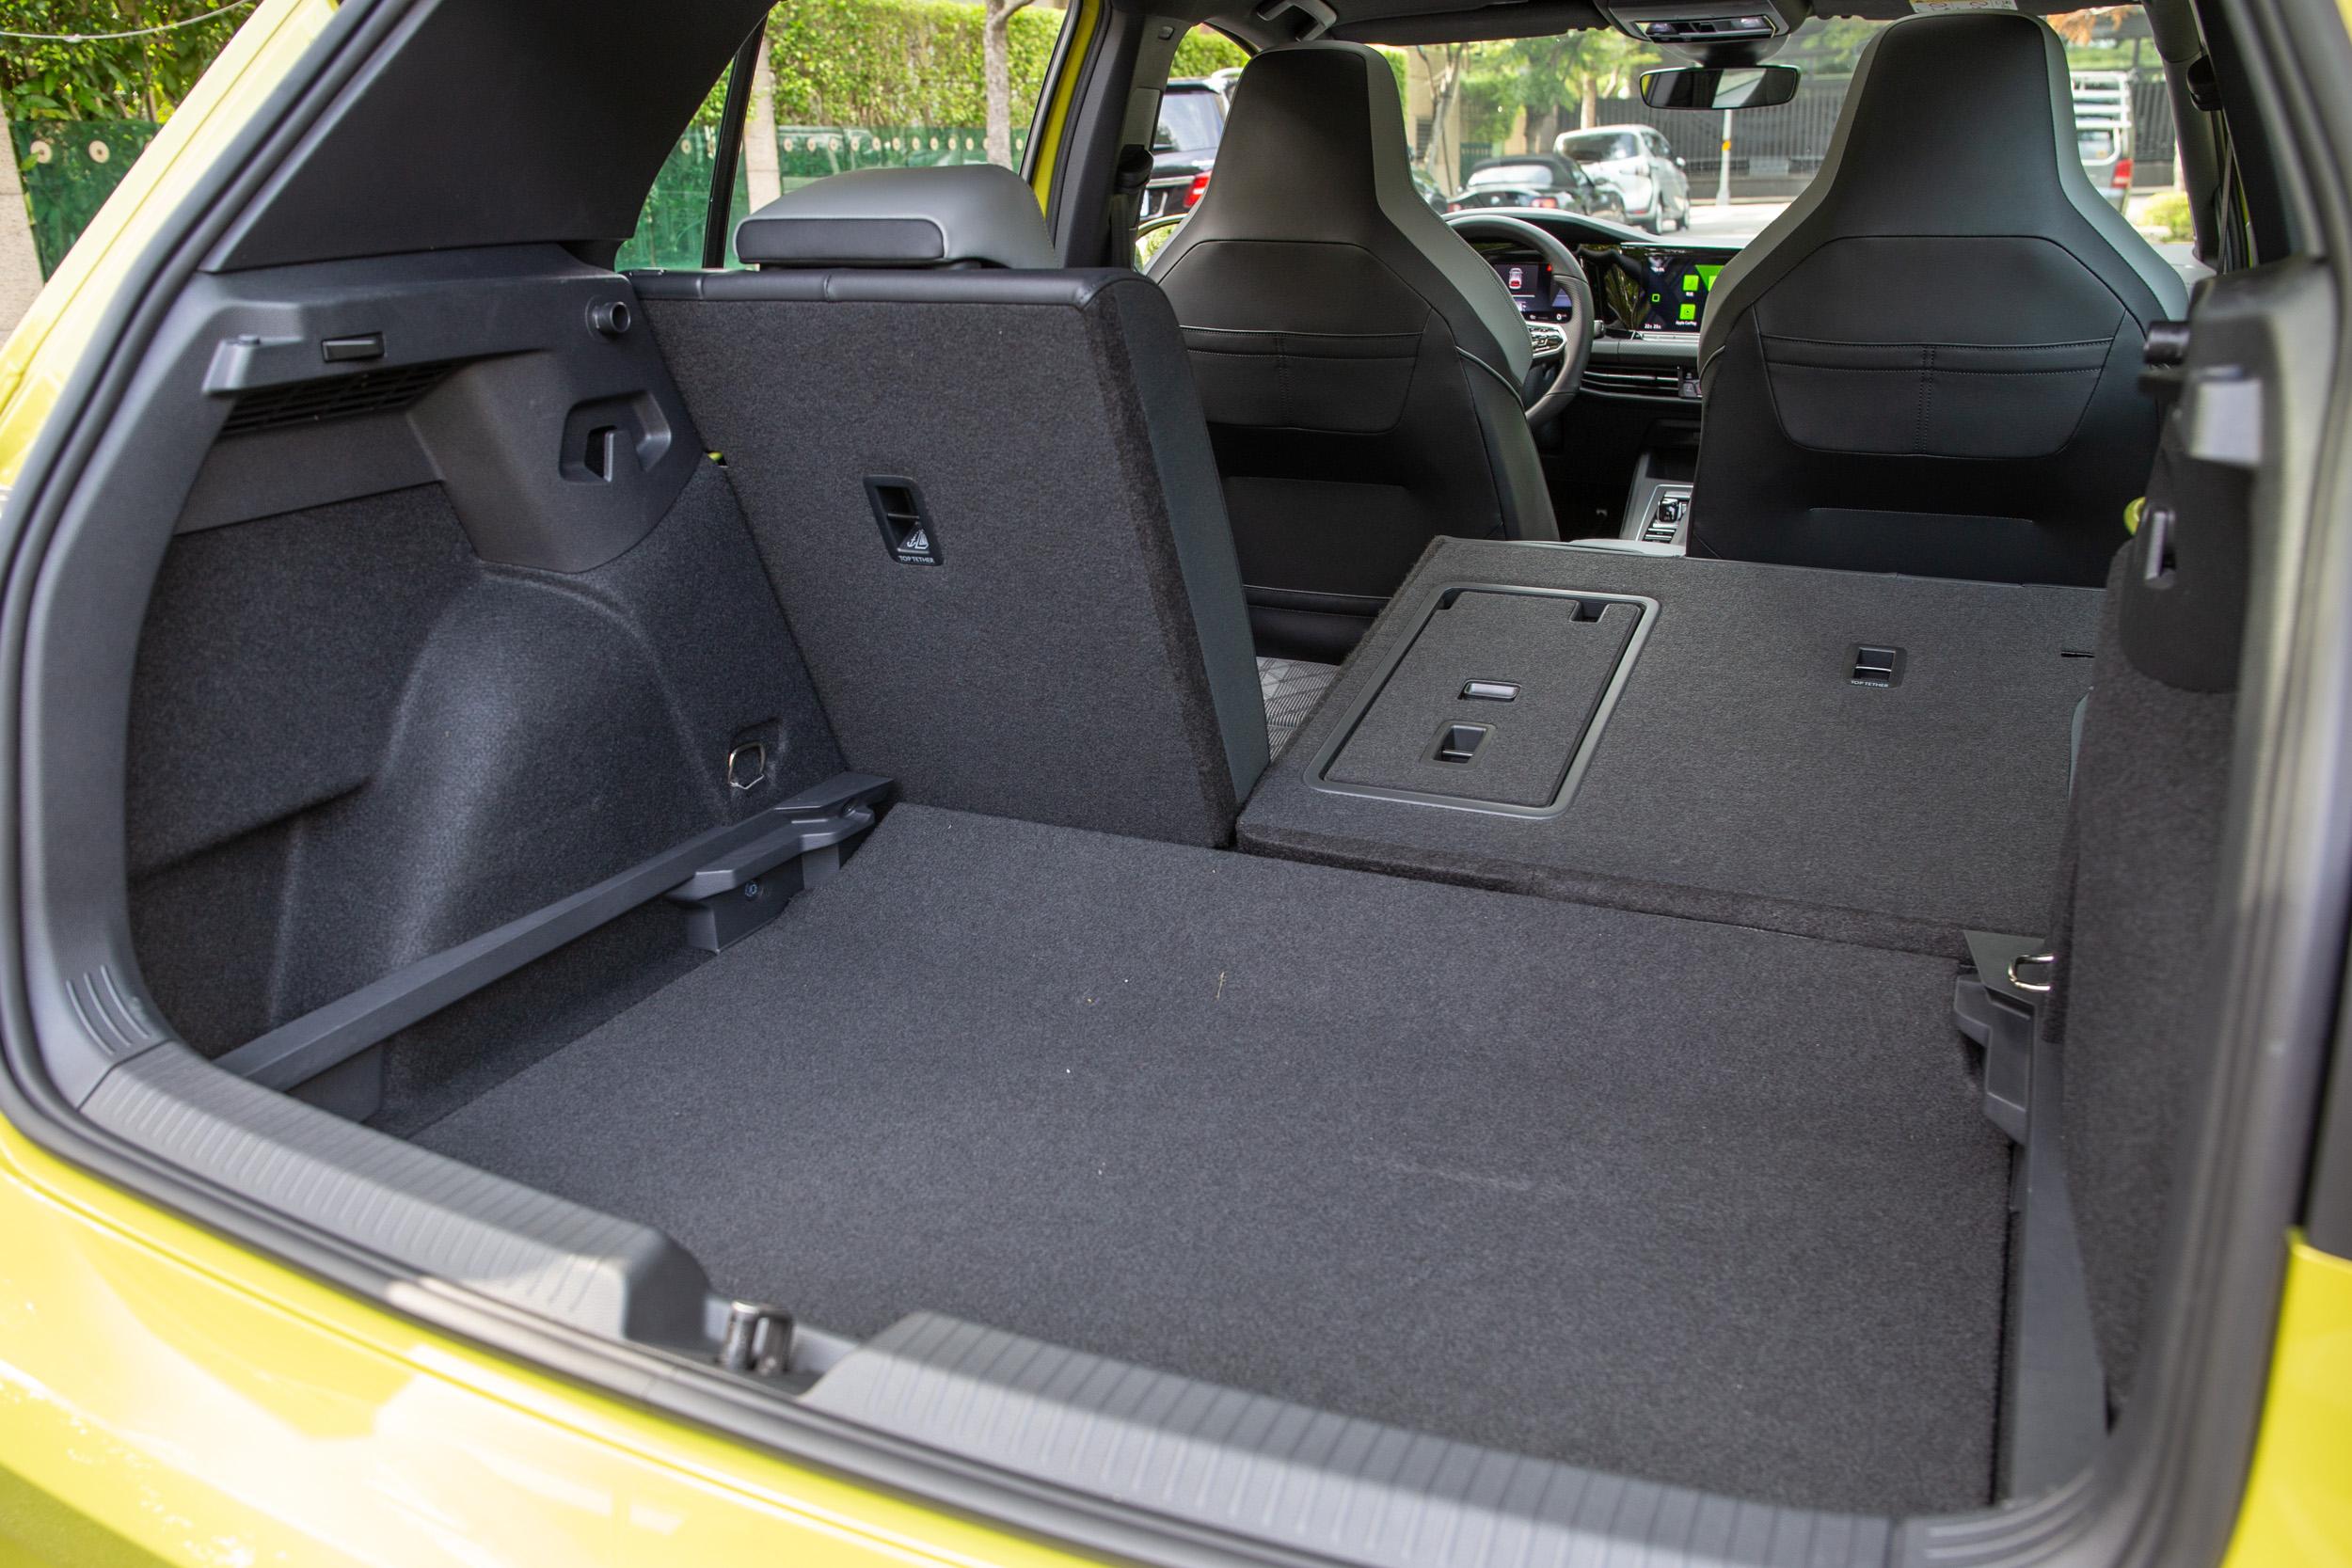 後座椅背傾倒時,置物容積可擴充至 1237 公升表現。